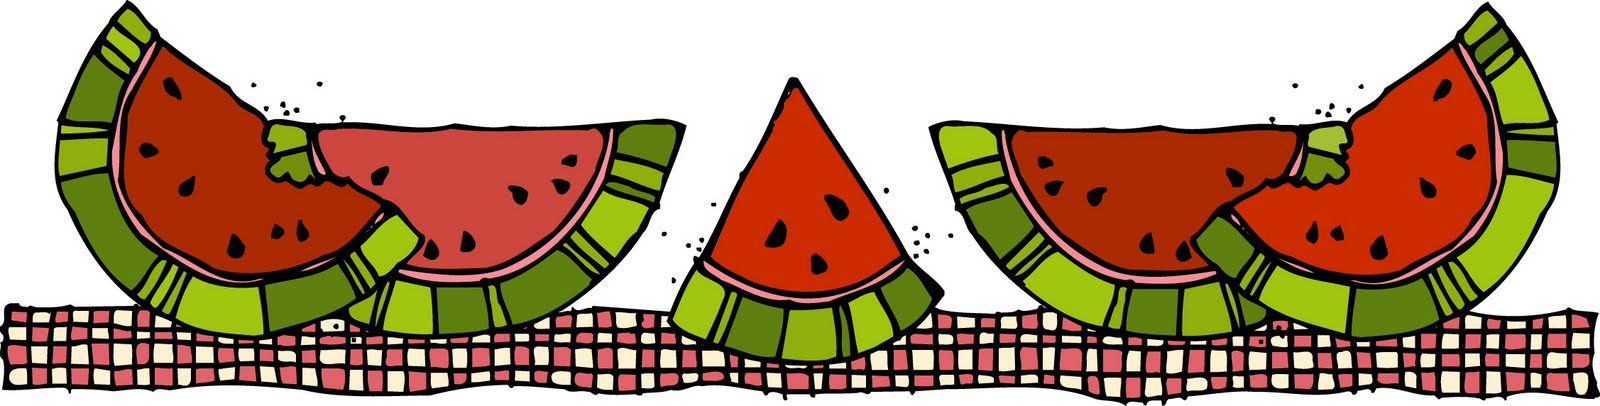 Free cliparts download clip. Watermelon clipart border